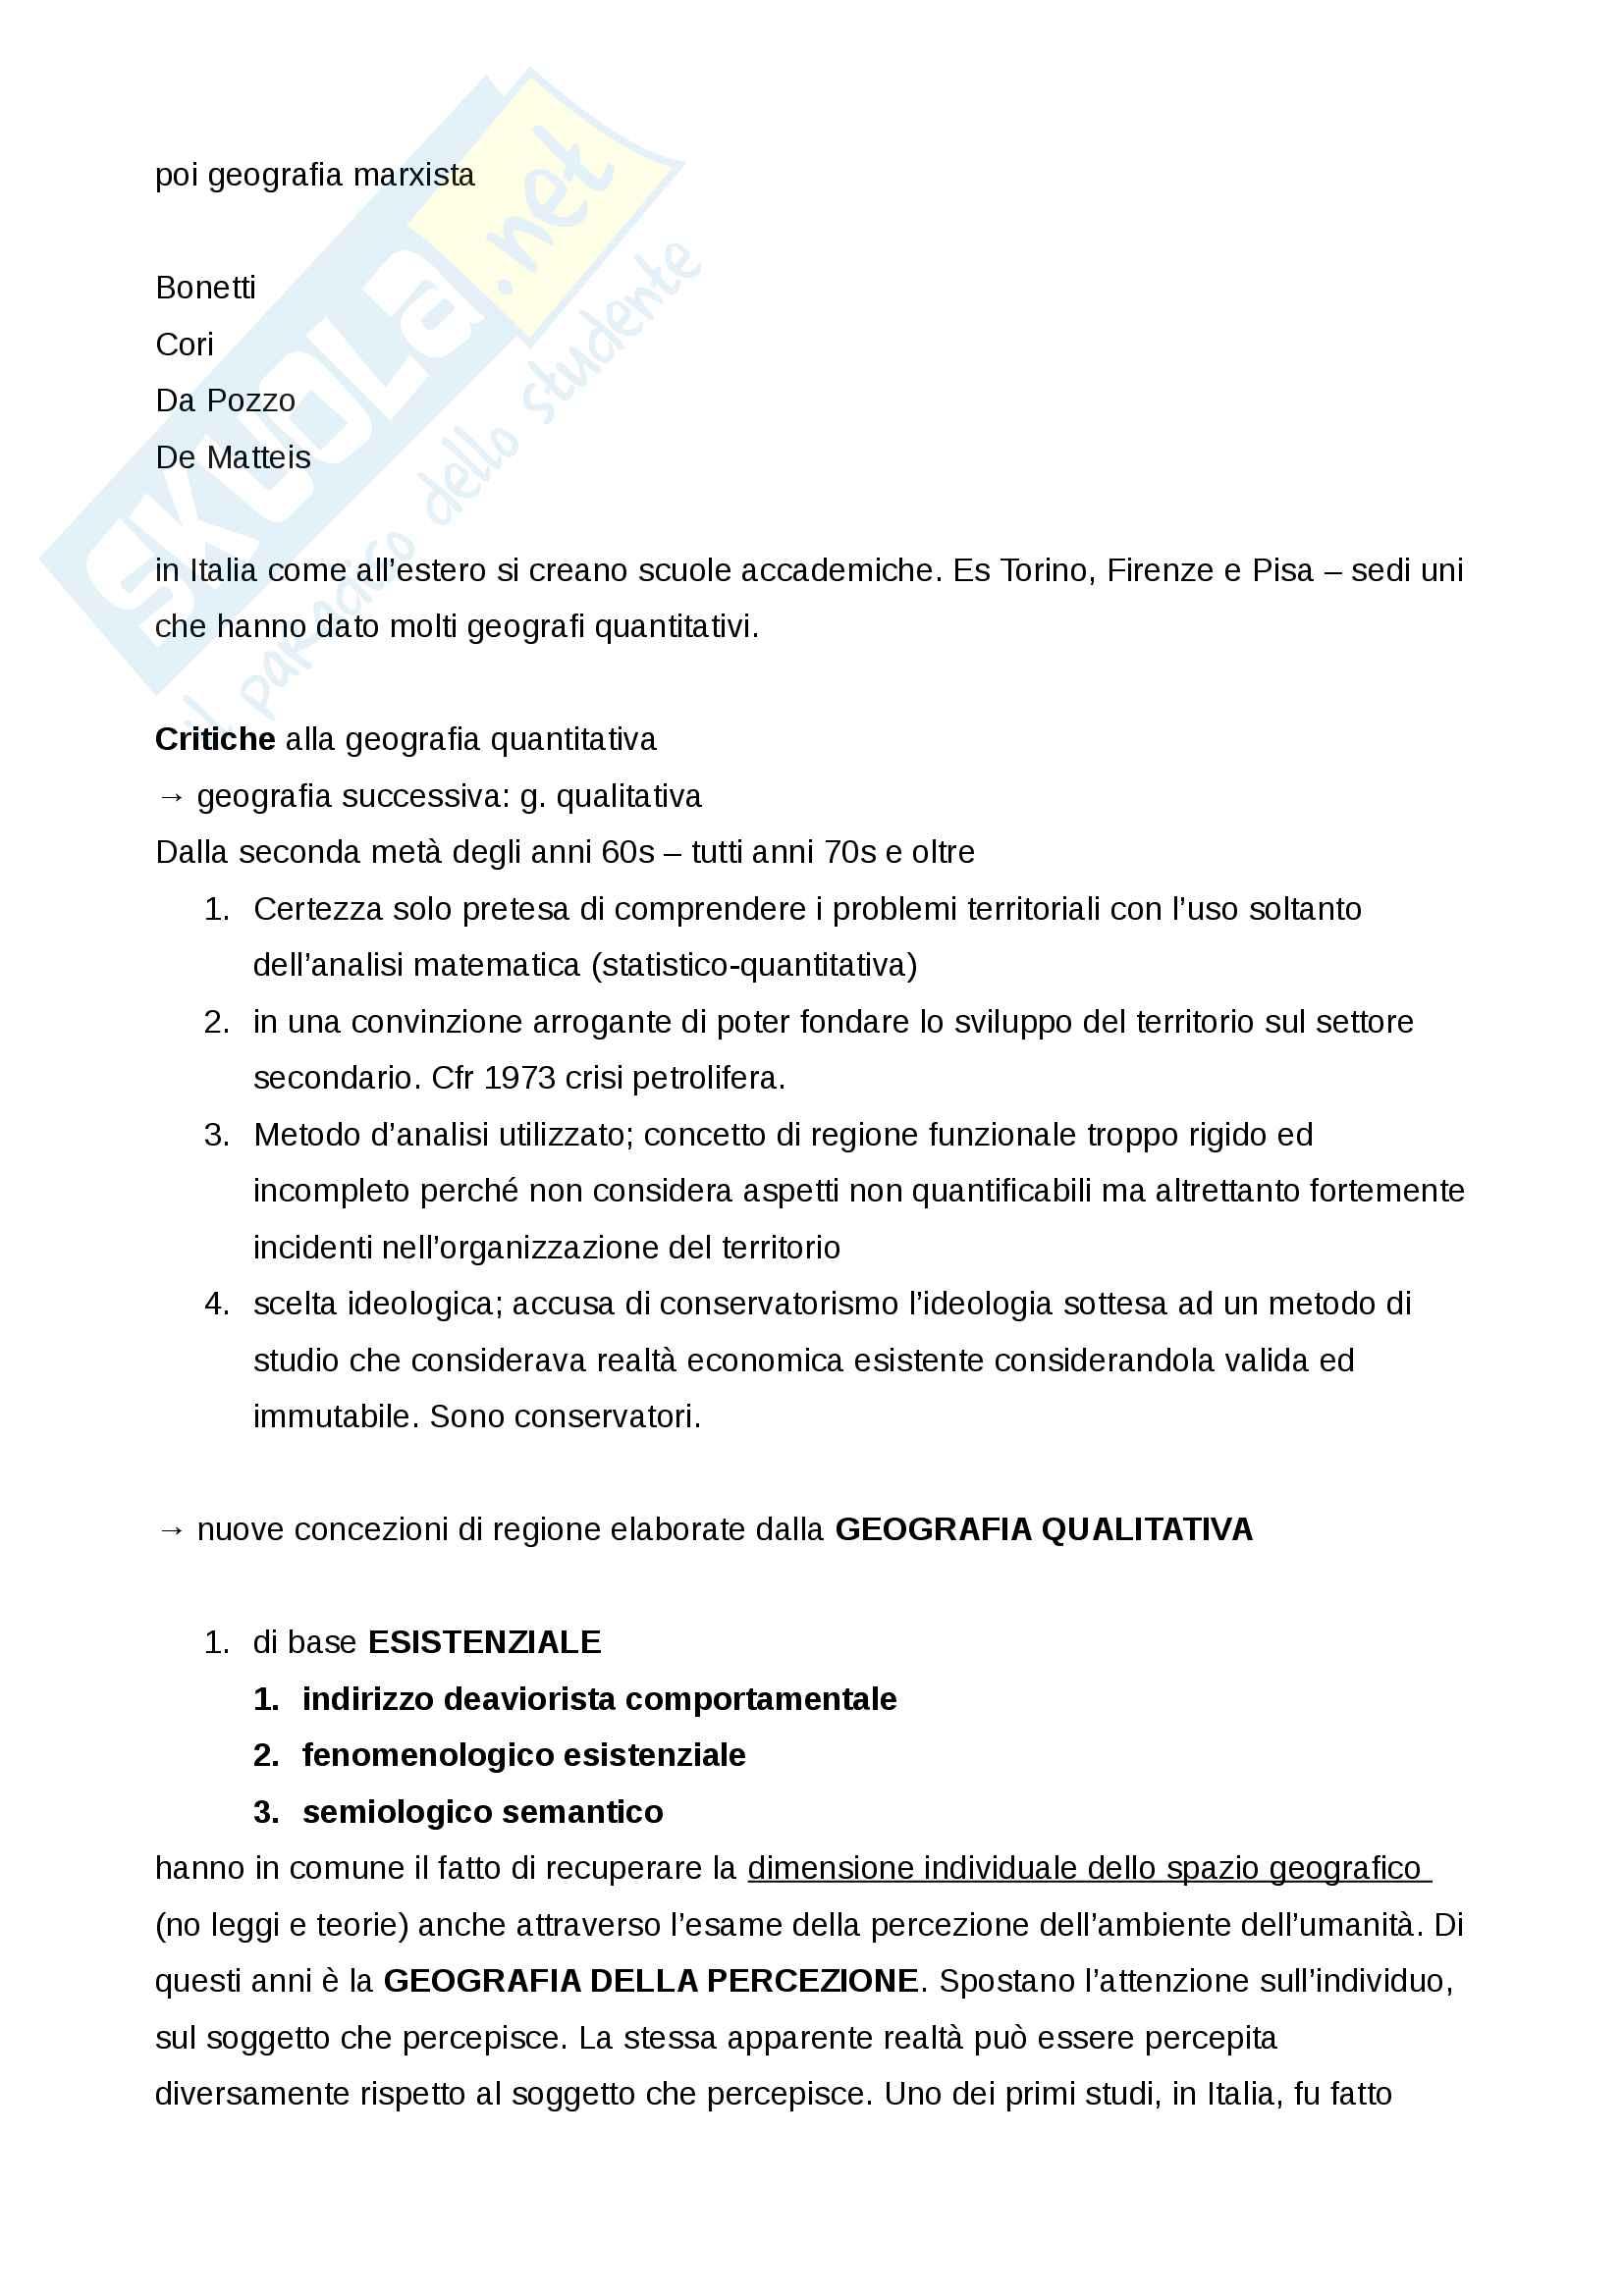 Appunti geografia modulo A - storia della geografia Pag. 21